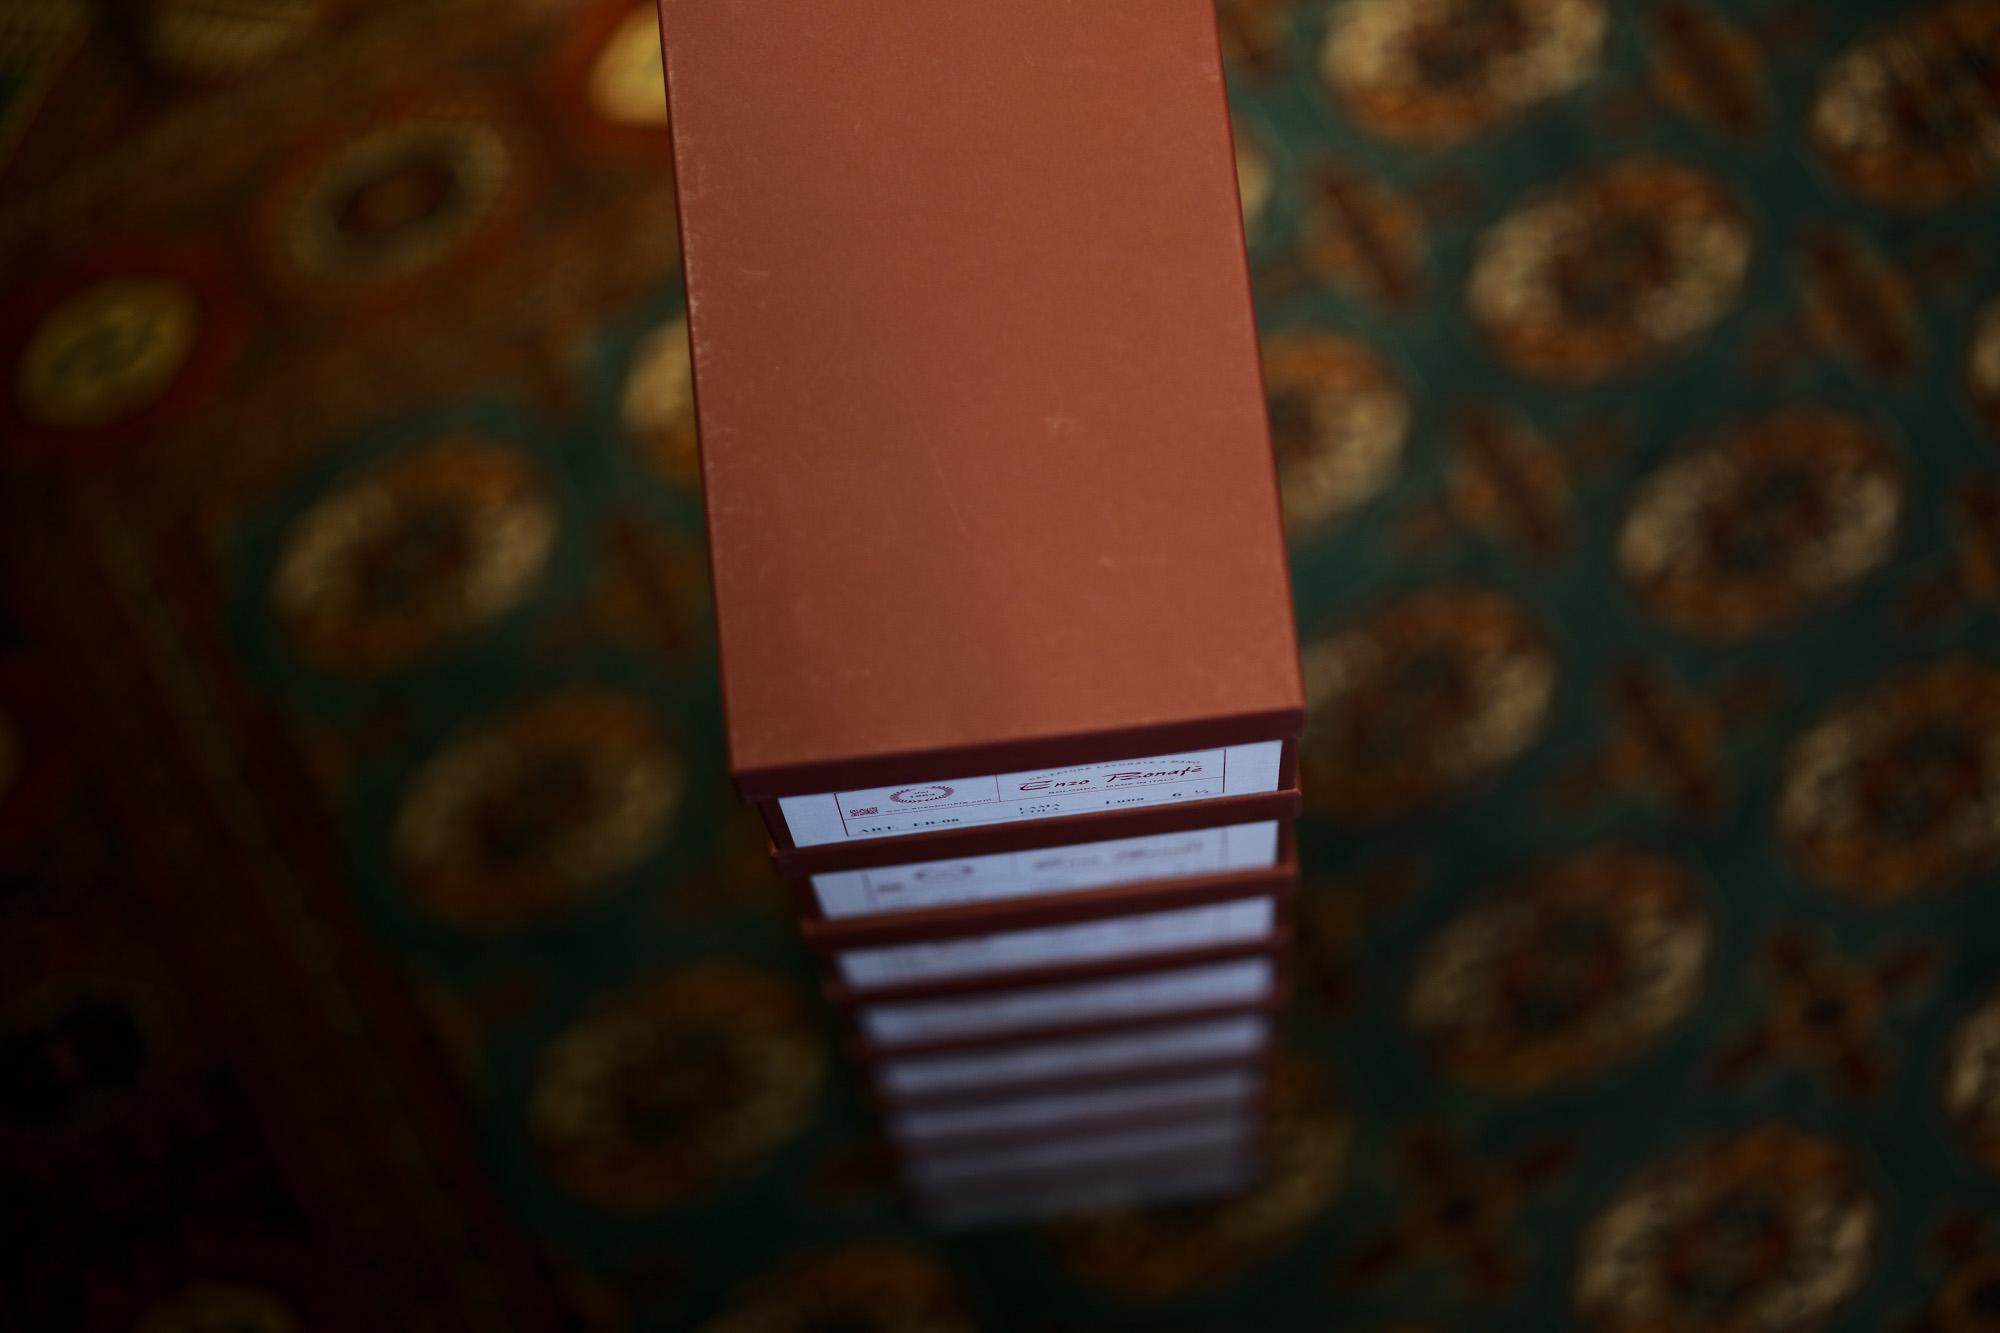 ENZO BONAFE(エンツォボナフェ) ART. EB-08 Coin Loafer コインローファー LAMA ラマレザー ドレスシューズ ローファー COLA(ブラウン) made in italy (イタリア製) 2019 春夏新作 【2019春夏第1便入荷しました】【2019春夏フリー分発売開始】 愛知 名古屋 enzobonafe エンツォボナフェ eb08 ローファー zodiac nagoya alto e diritto altoediritto アルトエデリット コードバン